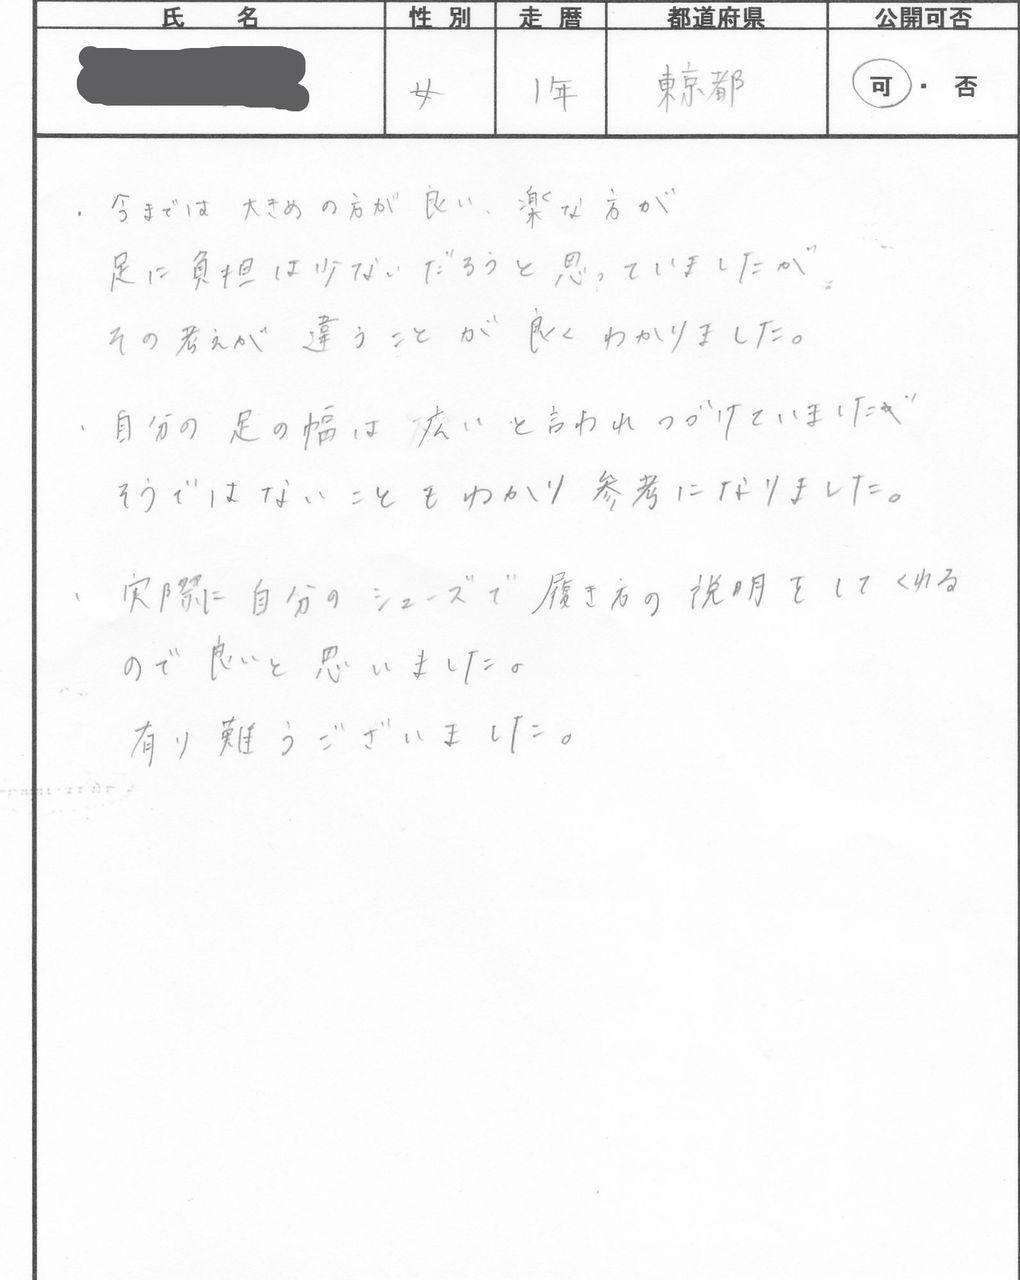 2012年6月東京・静岡セミナー感想_0009_copy